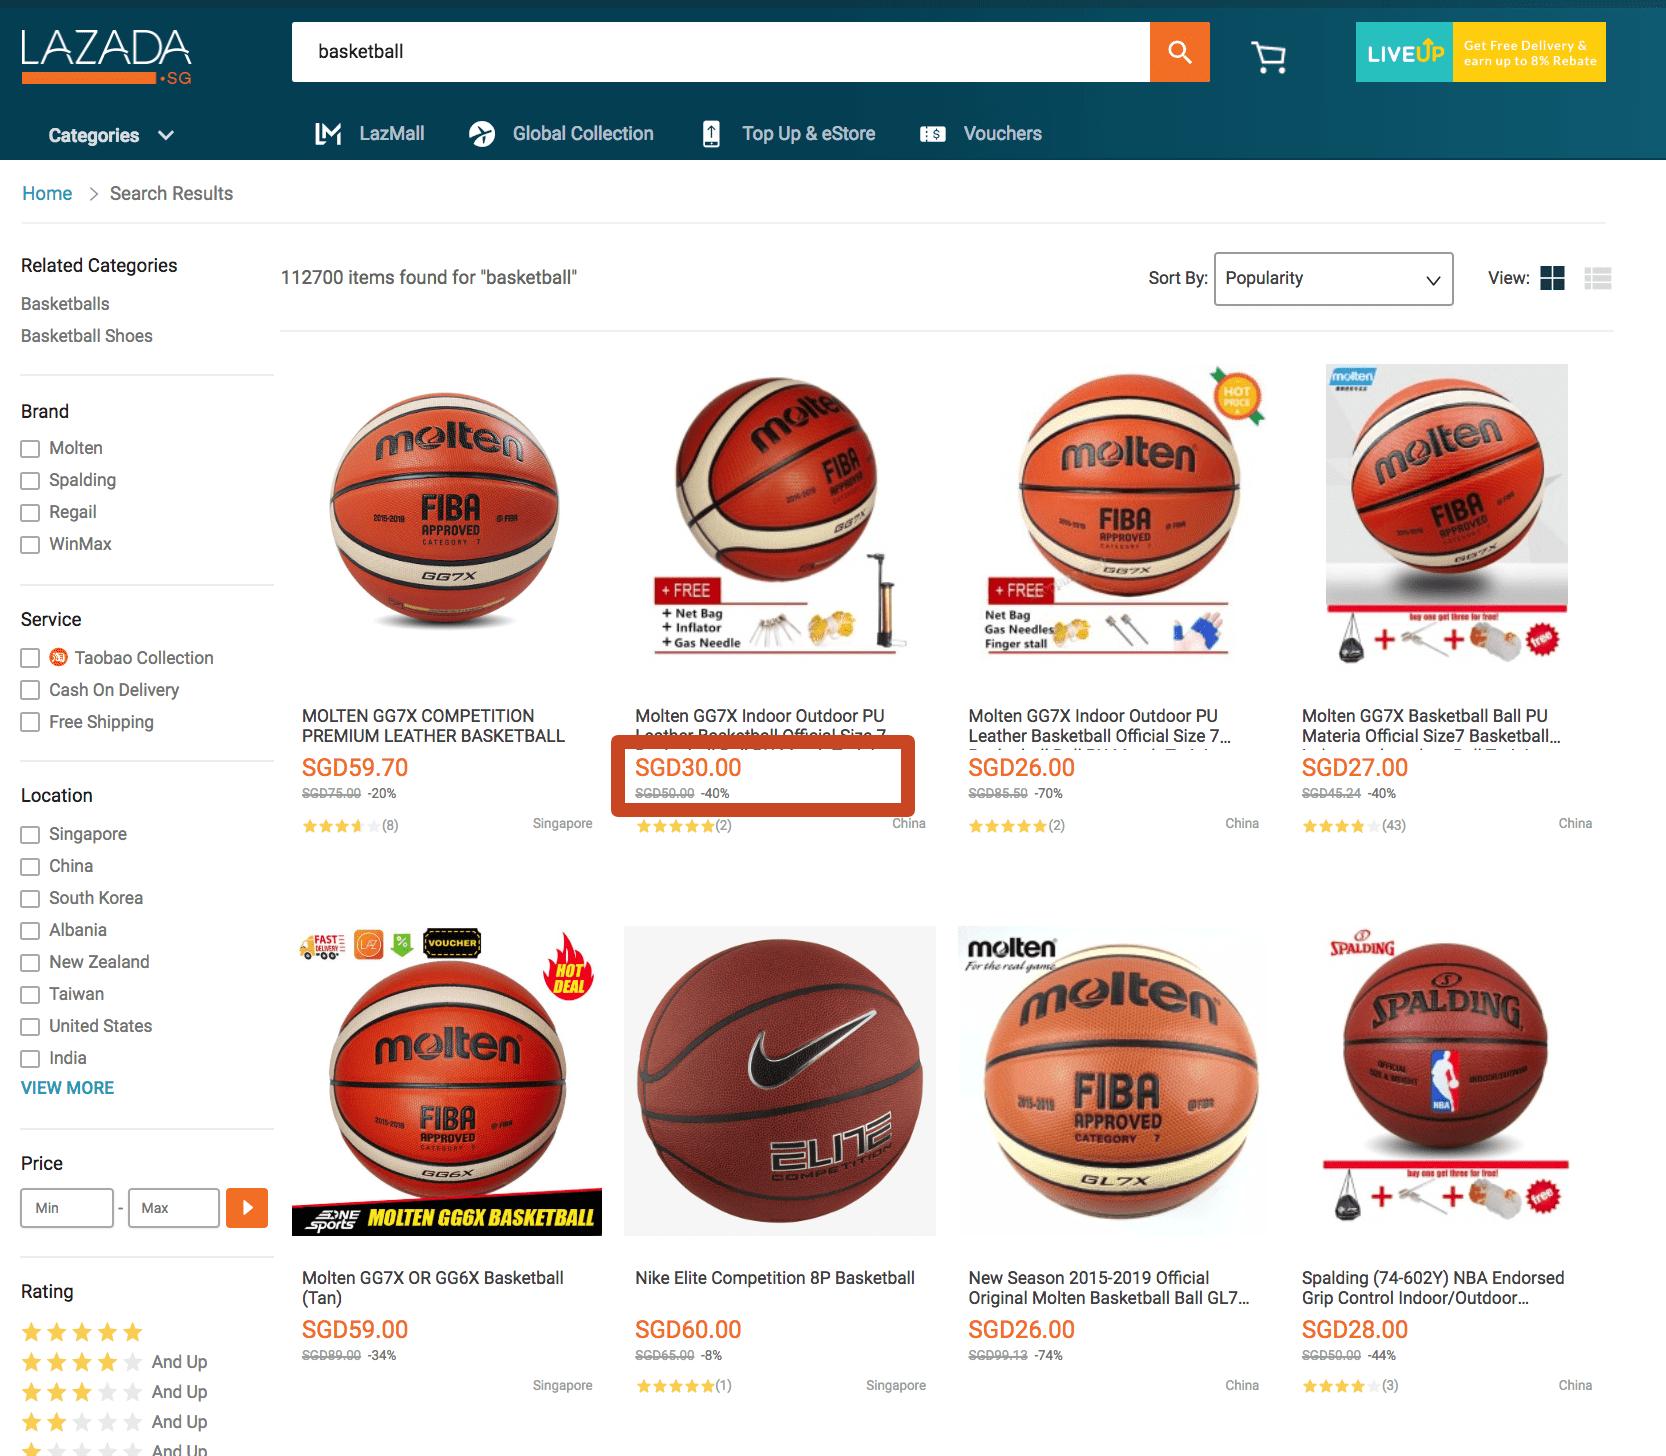 Harga Produk dan Harga Penjualan Produk di Lazada Hasil Pencarian / Tampilan Kategori